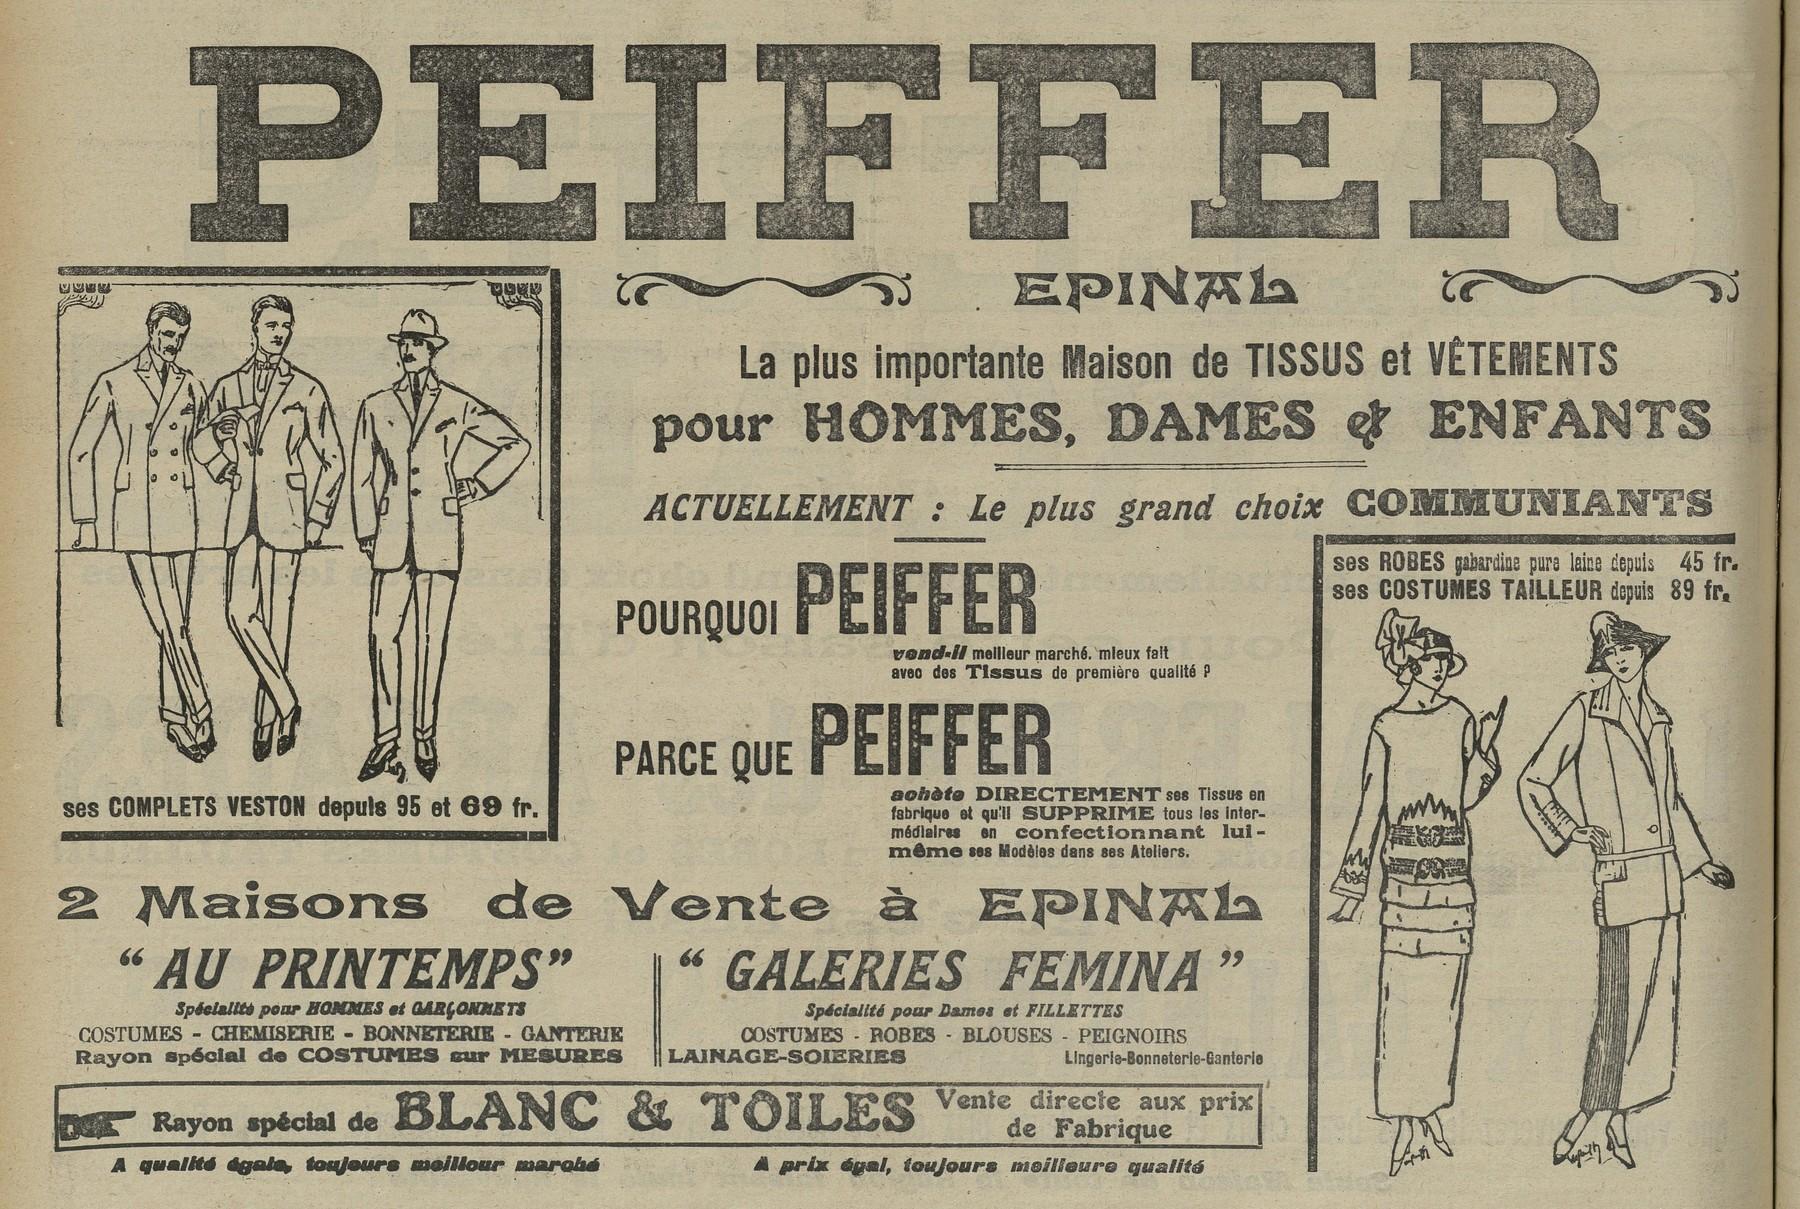 Contenu du Vêtements Peiffer